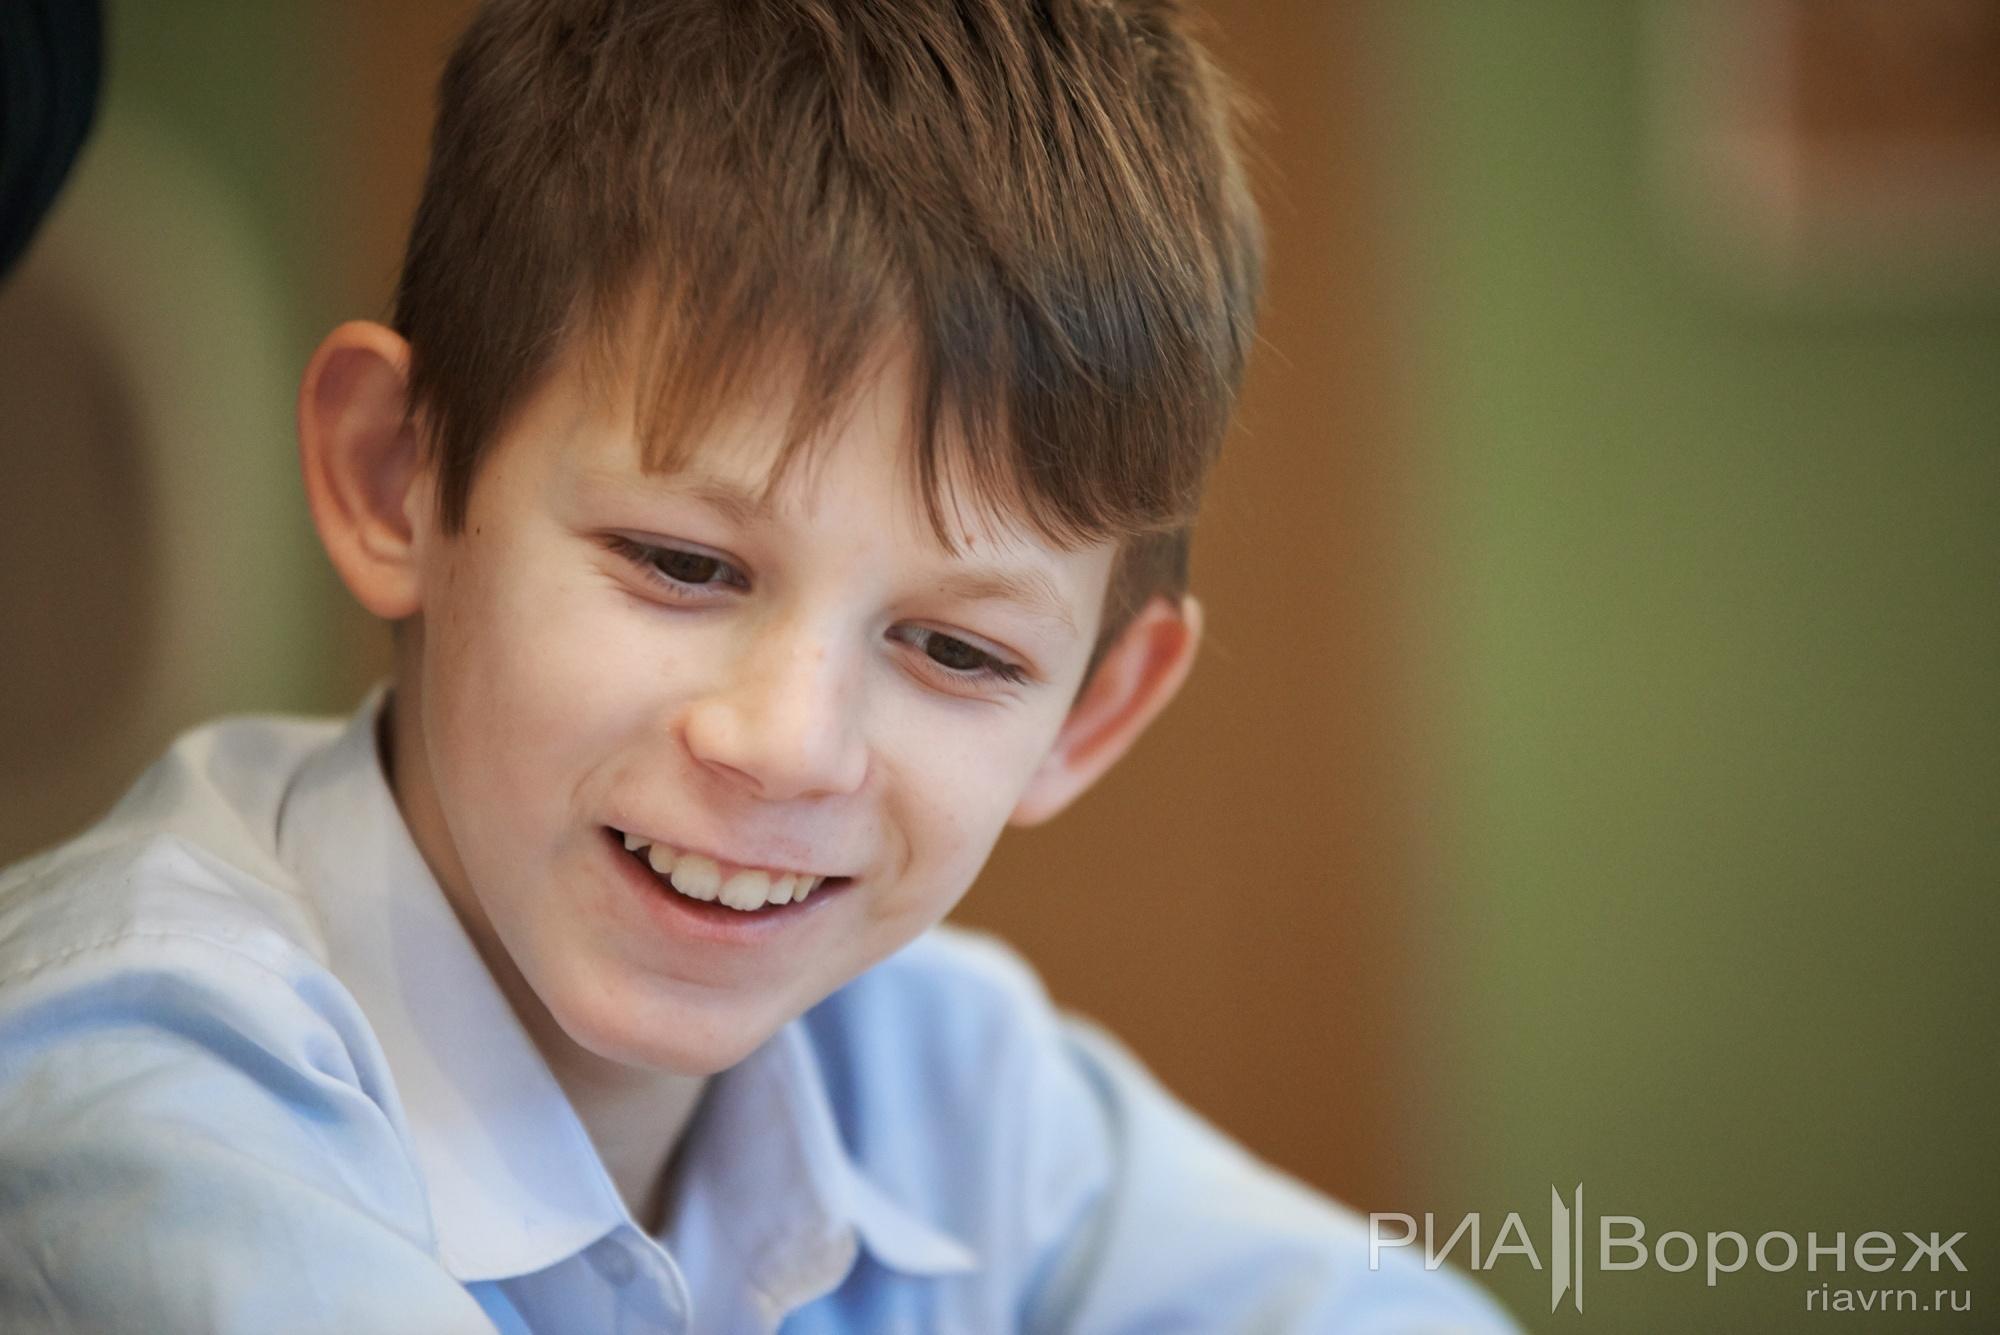 Психолог мальчик 7 лет что делать 175